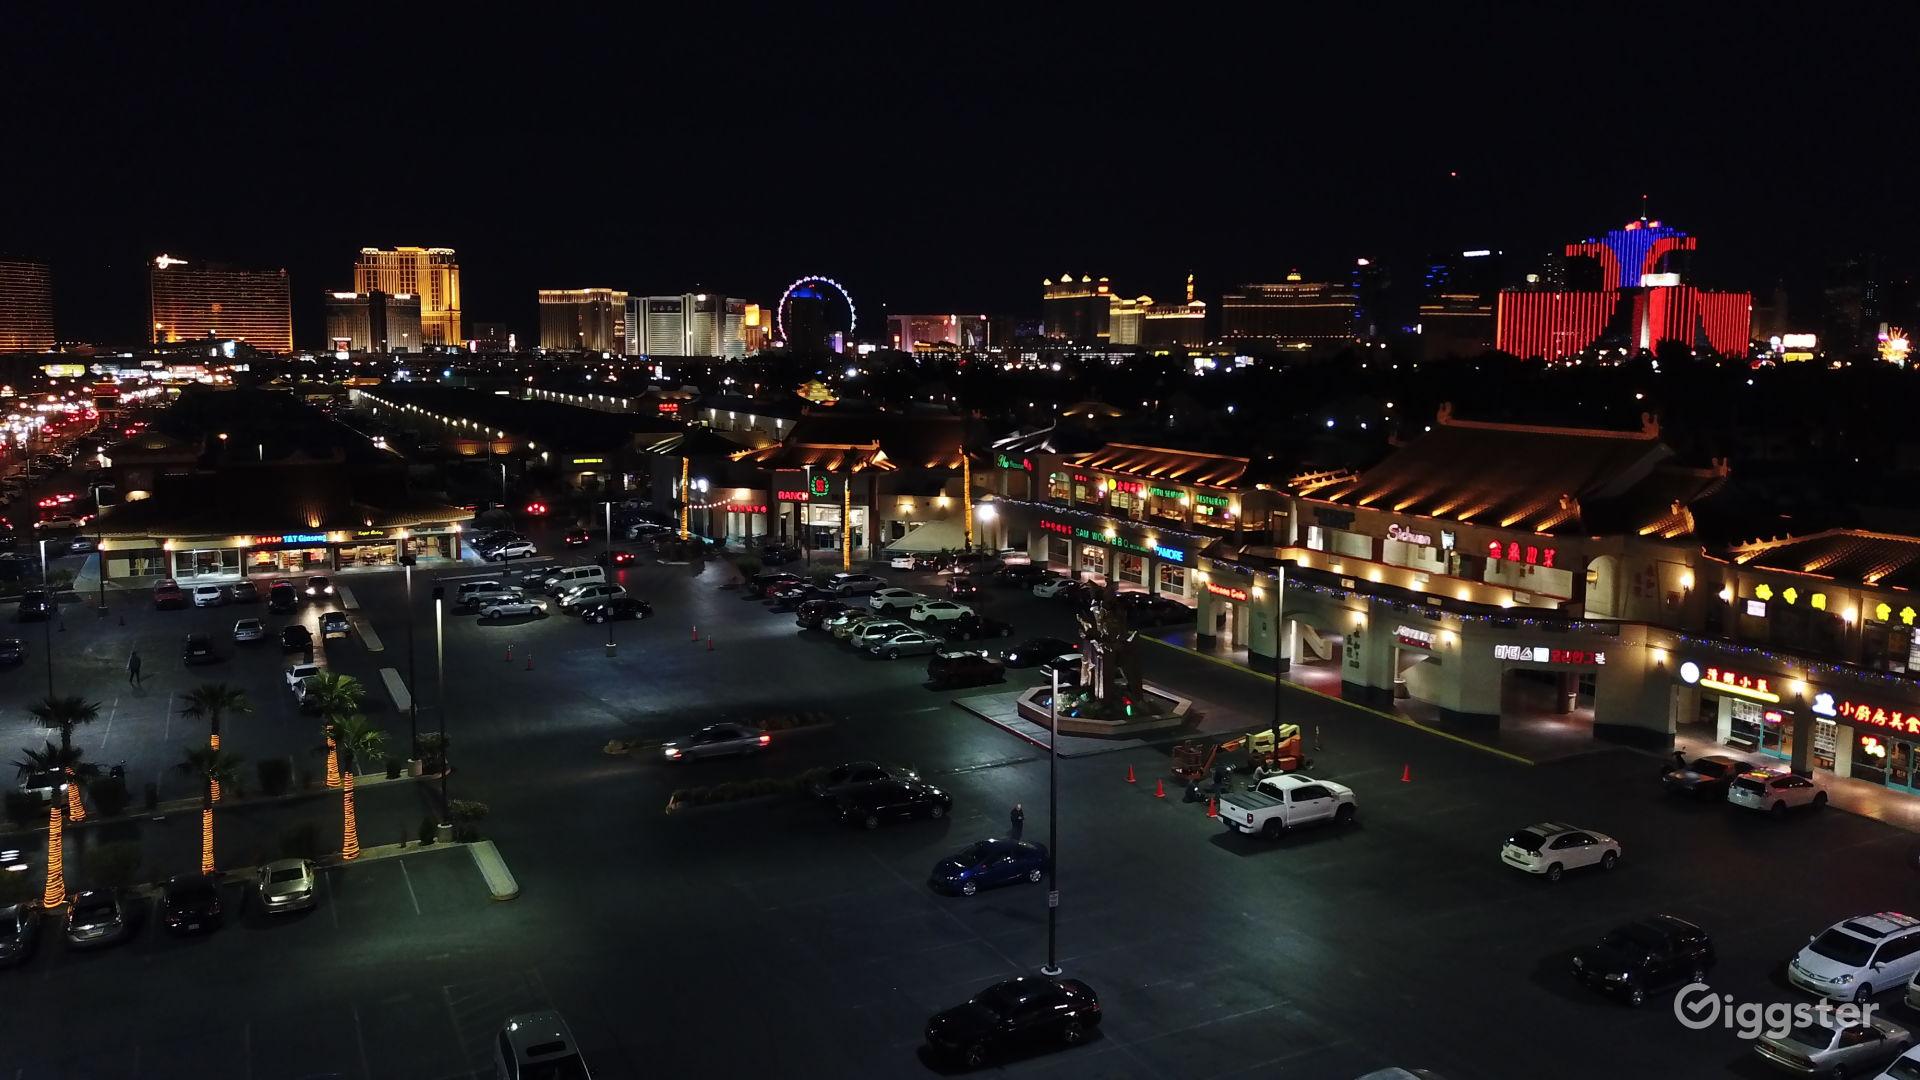 Chinatown Night Strip View